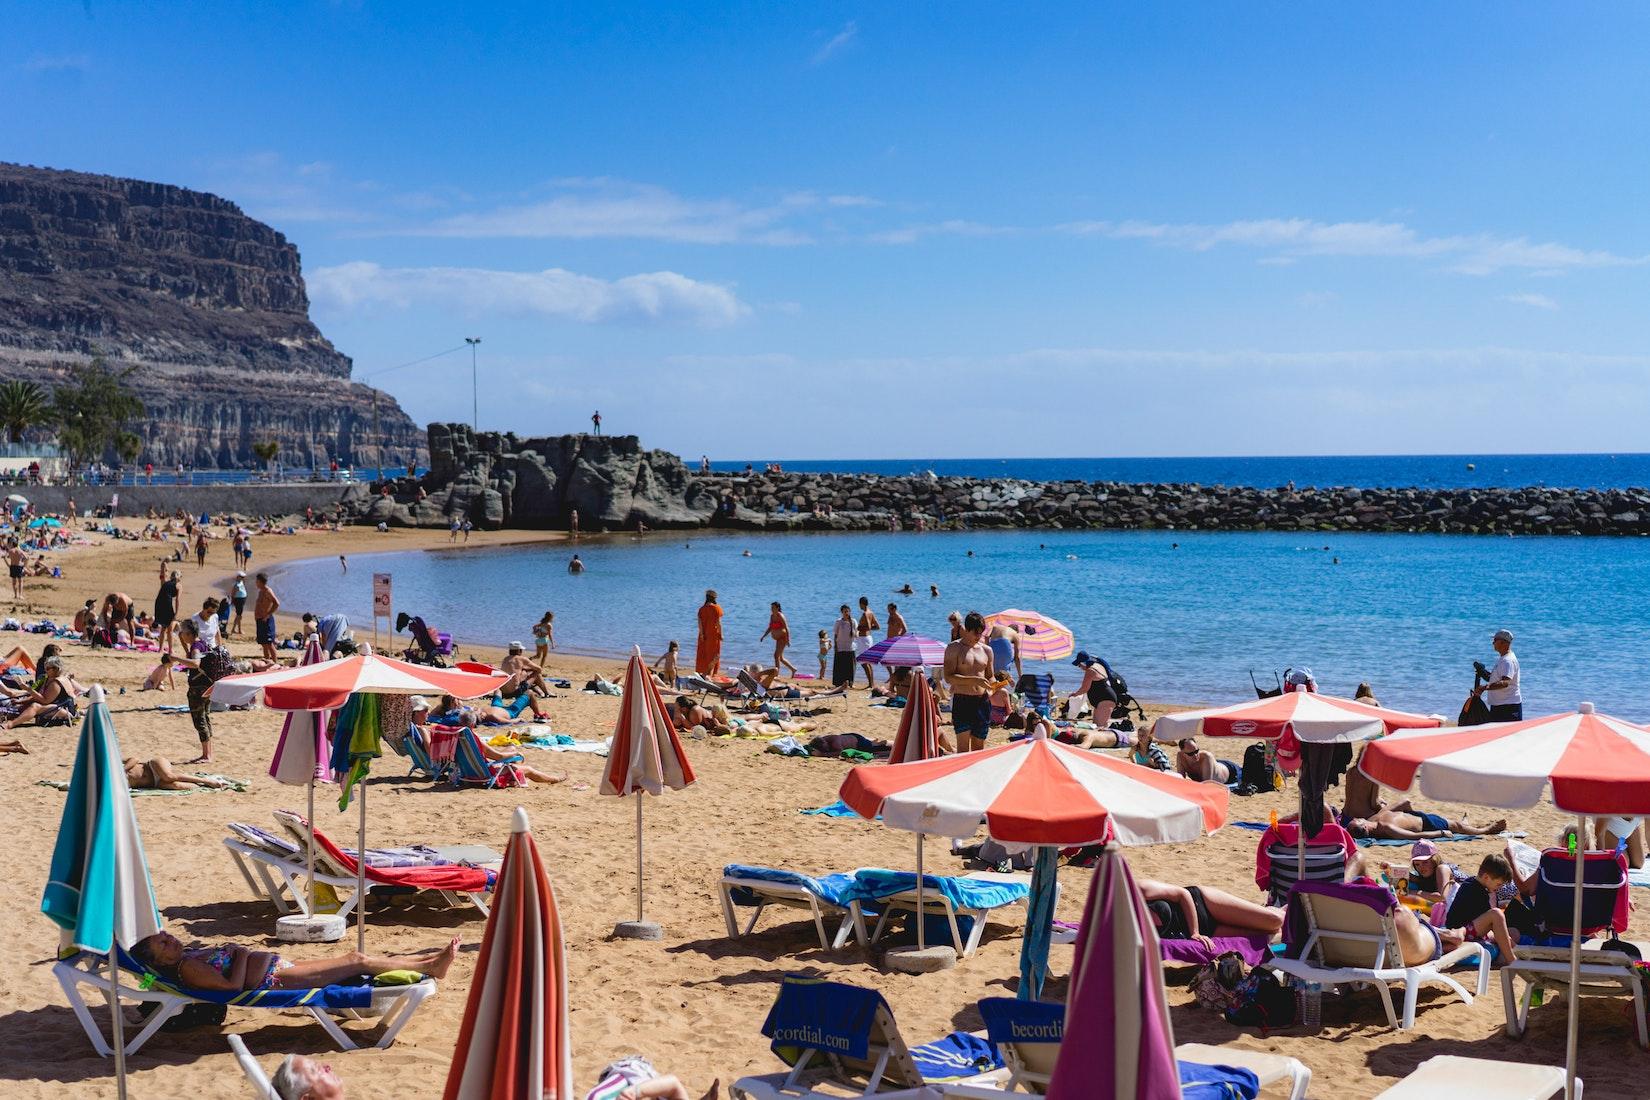 The beach of Puerto de Mogan